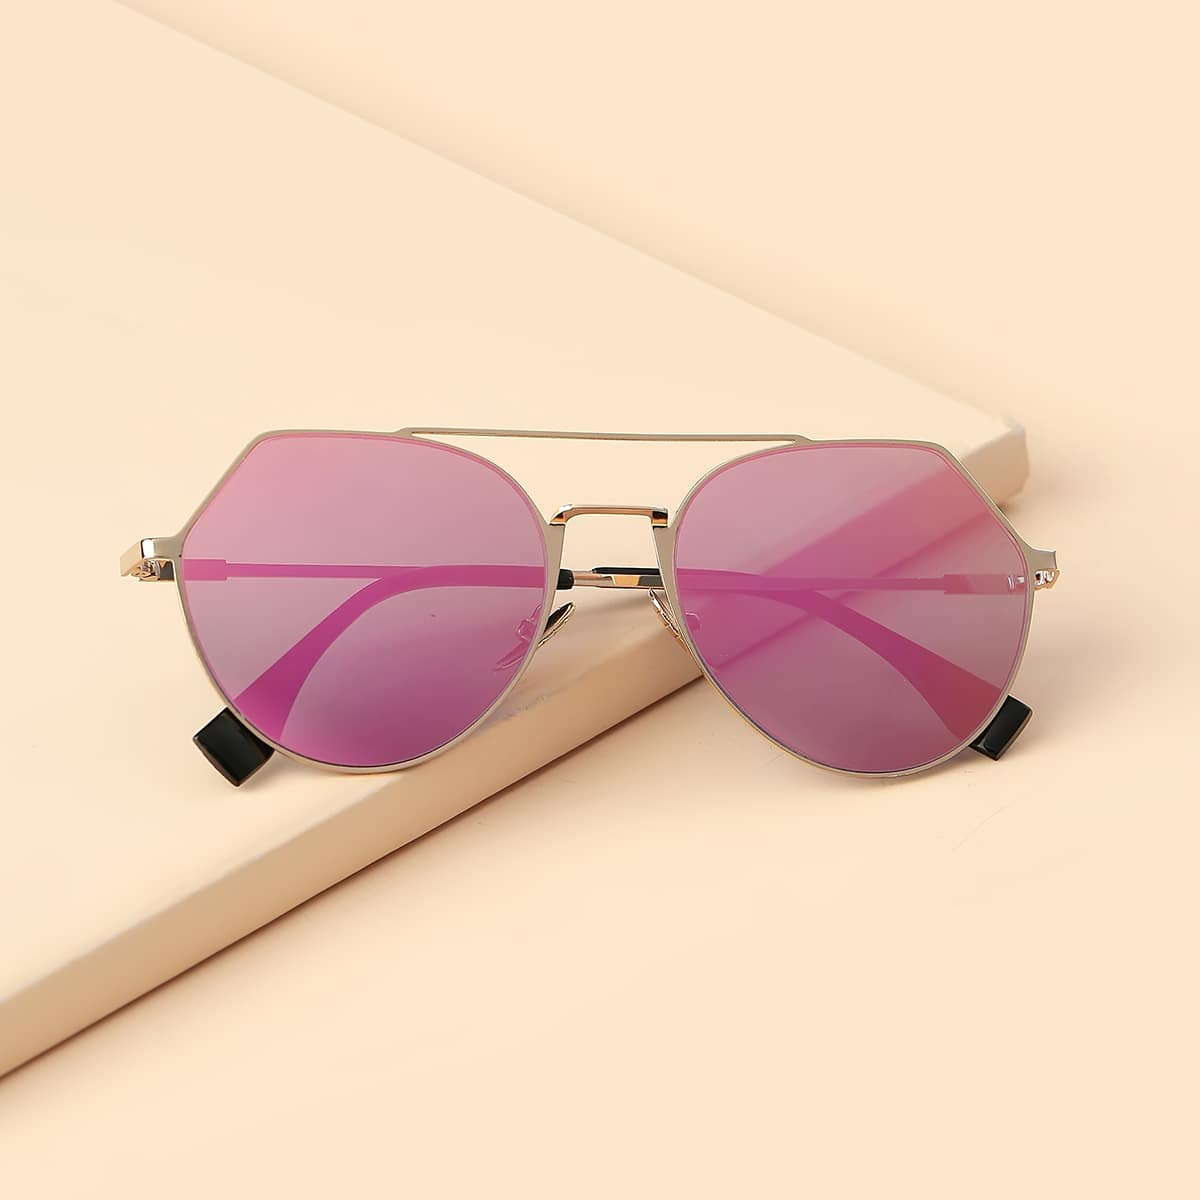 Солнечные очки фото